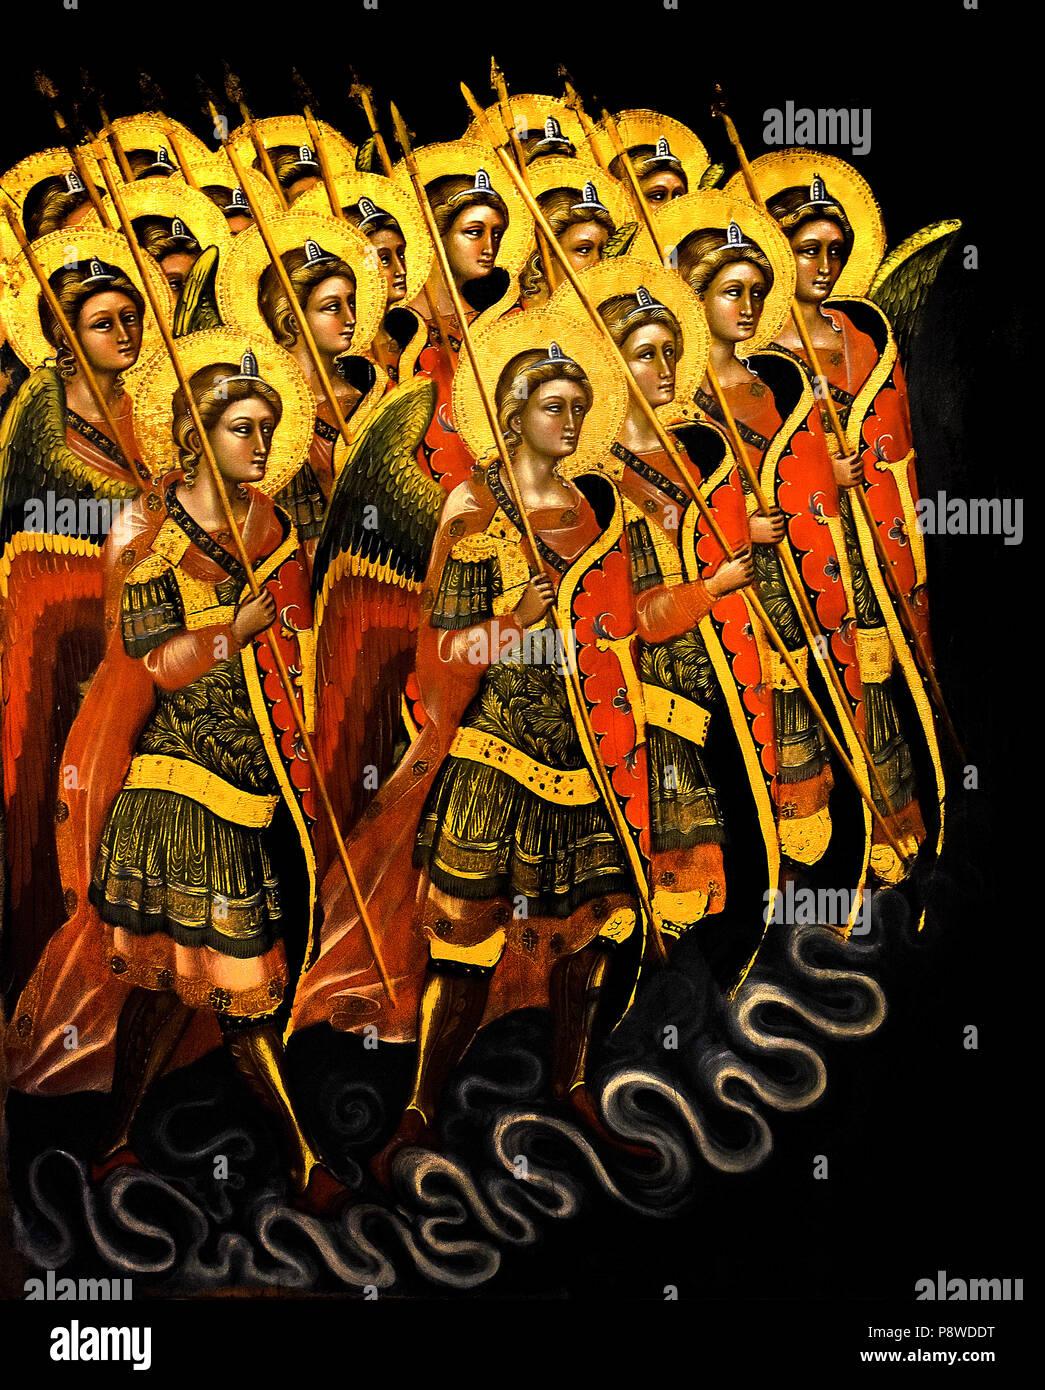 Schiera di angeli armati (Arcangeli ? ) Schiera di angeli armati (Arcangeli?) Guariento di Arpo (1310 - 1370), XIV secolo di pittore a Padova. Italia Italiano Immagini Stock